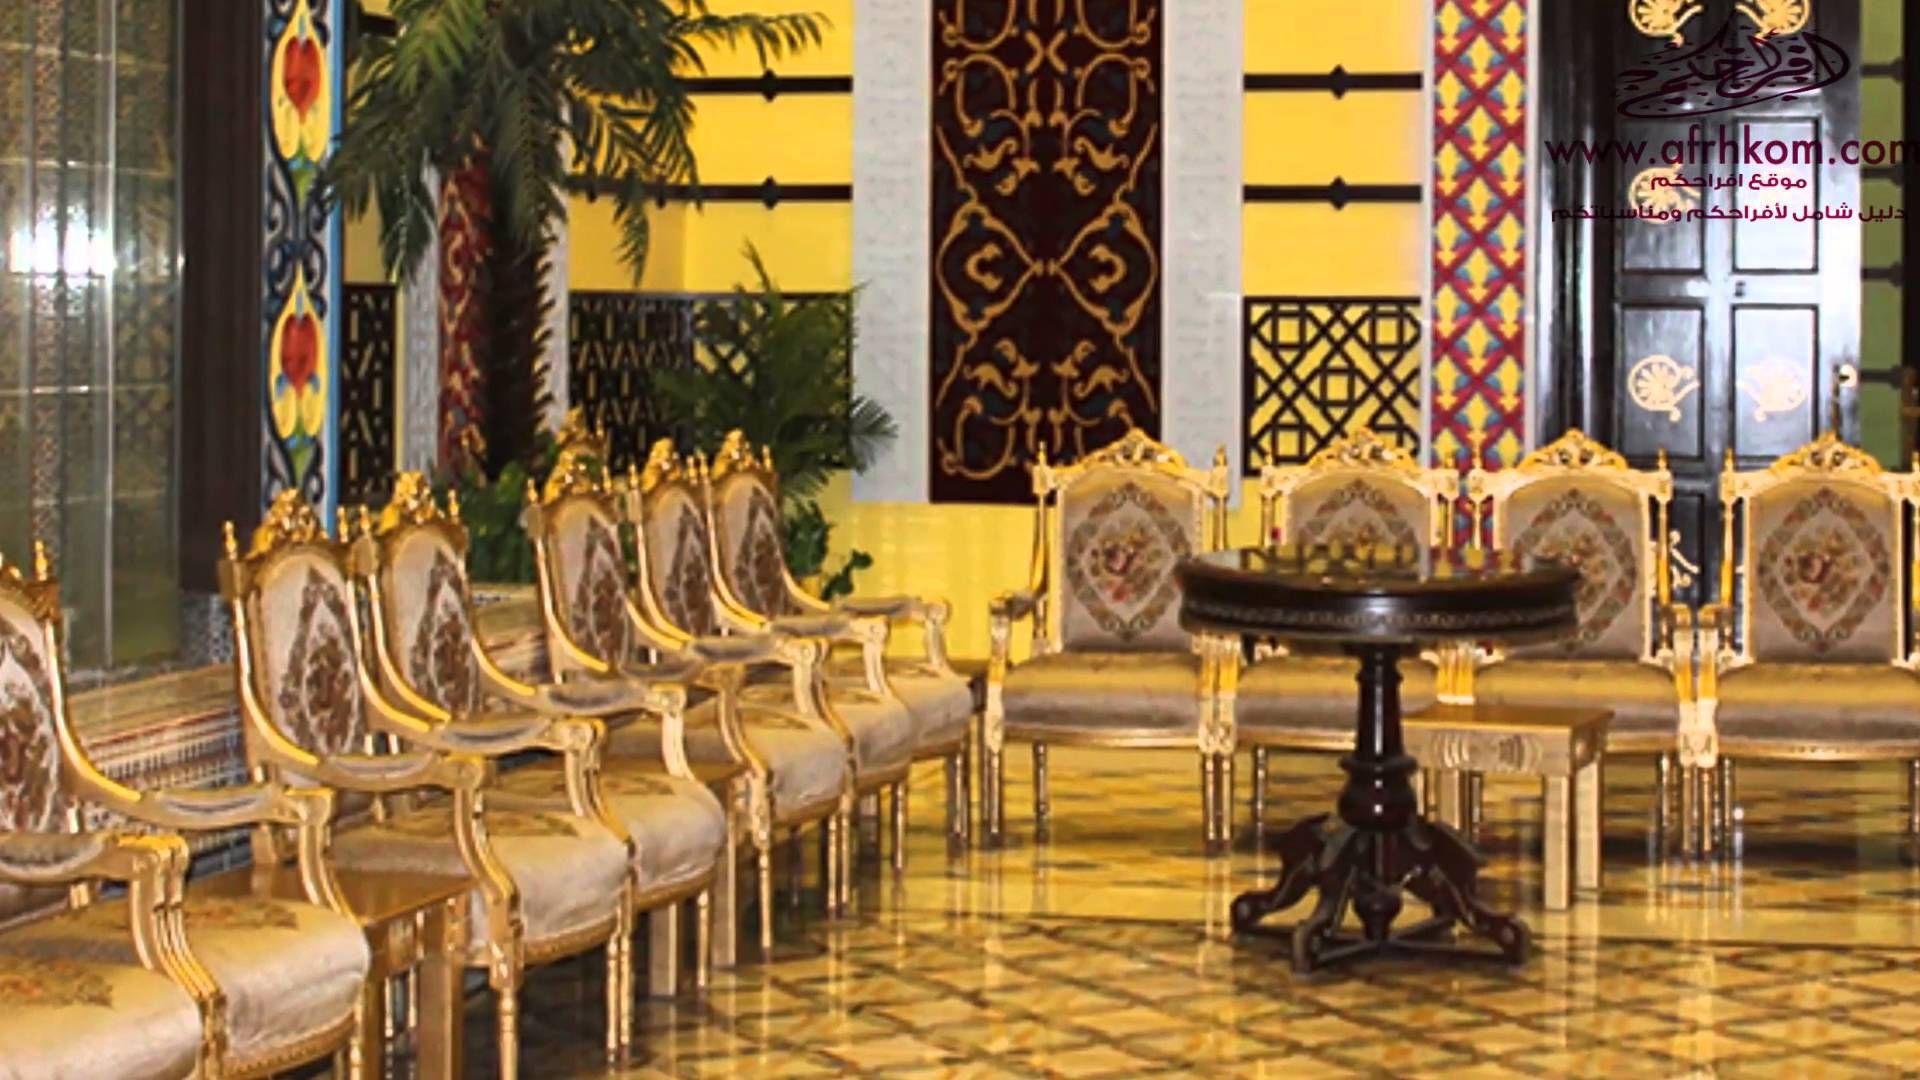 قاعة باريس للاحتفالات جدة موقع افراحكم Decor Home Decor Home